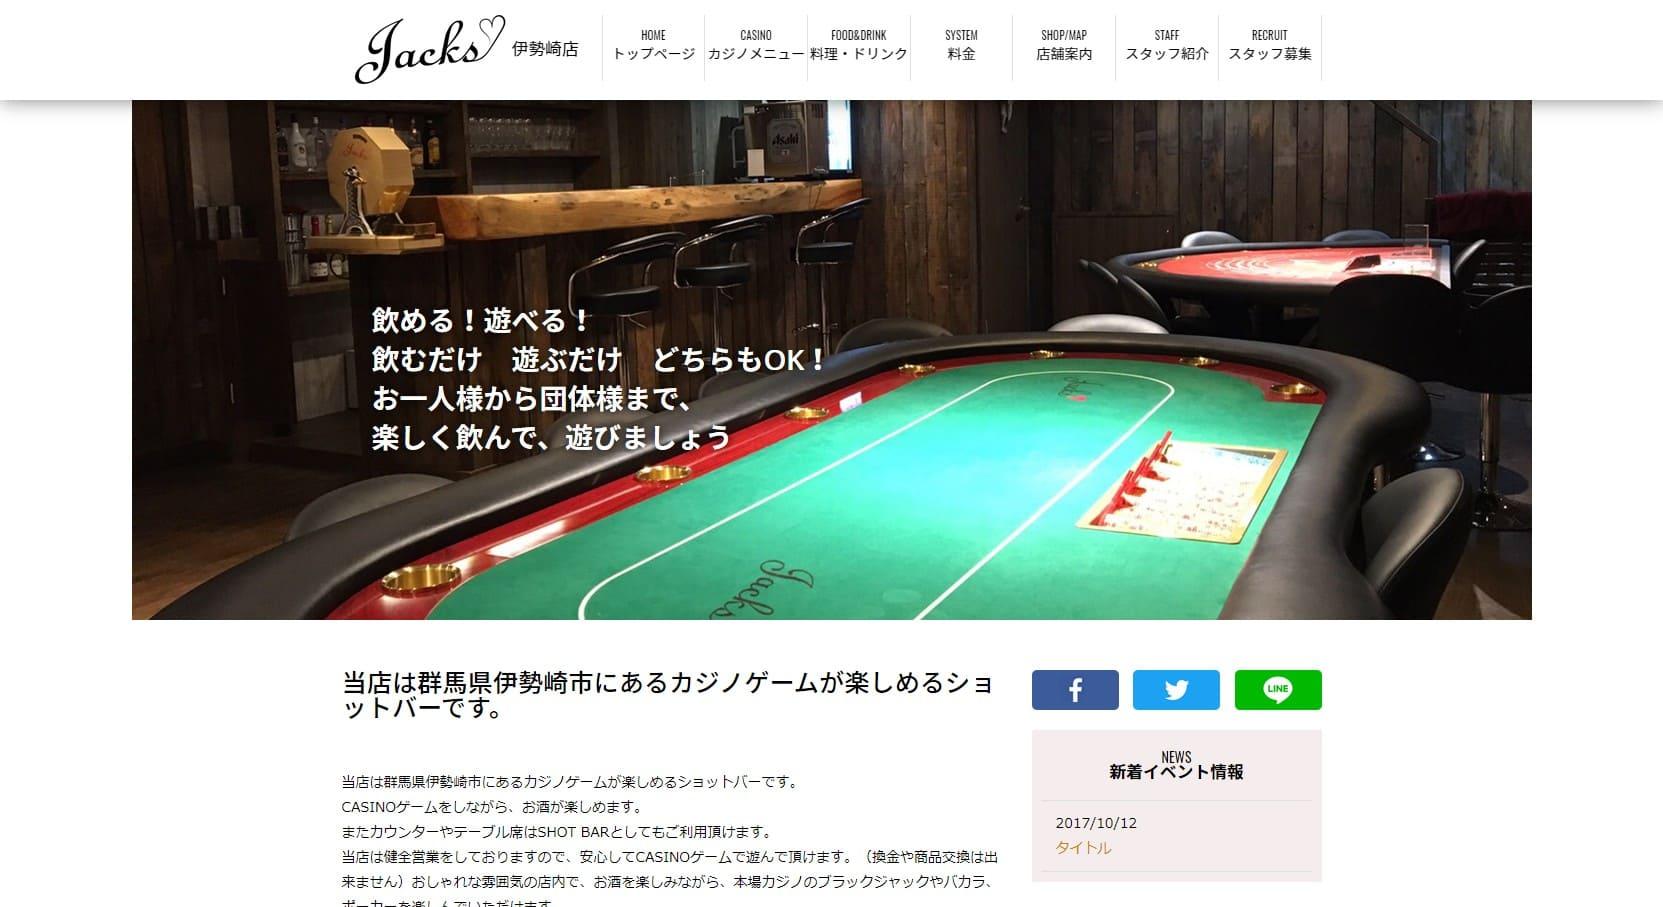 ショットバージャックス伊勢崎店のウェブサイト画像。